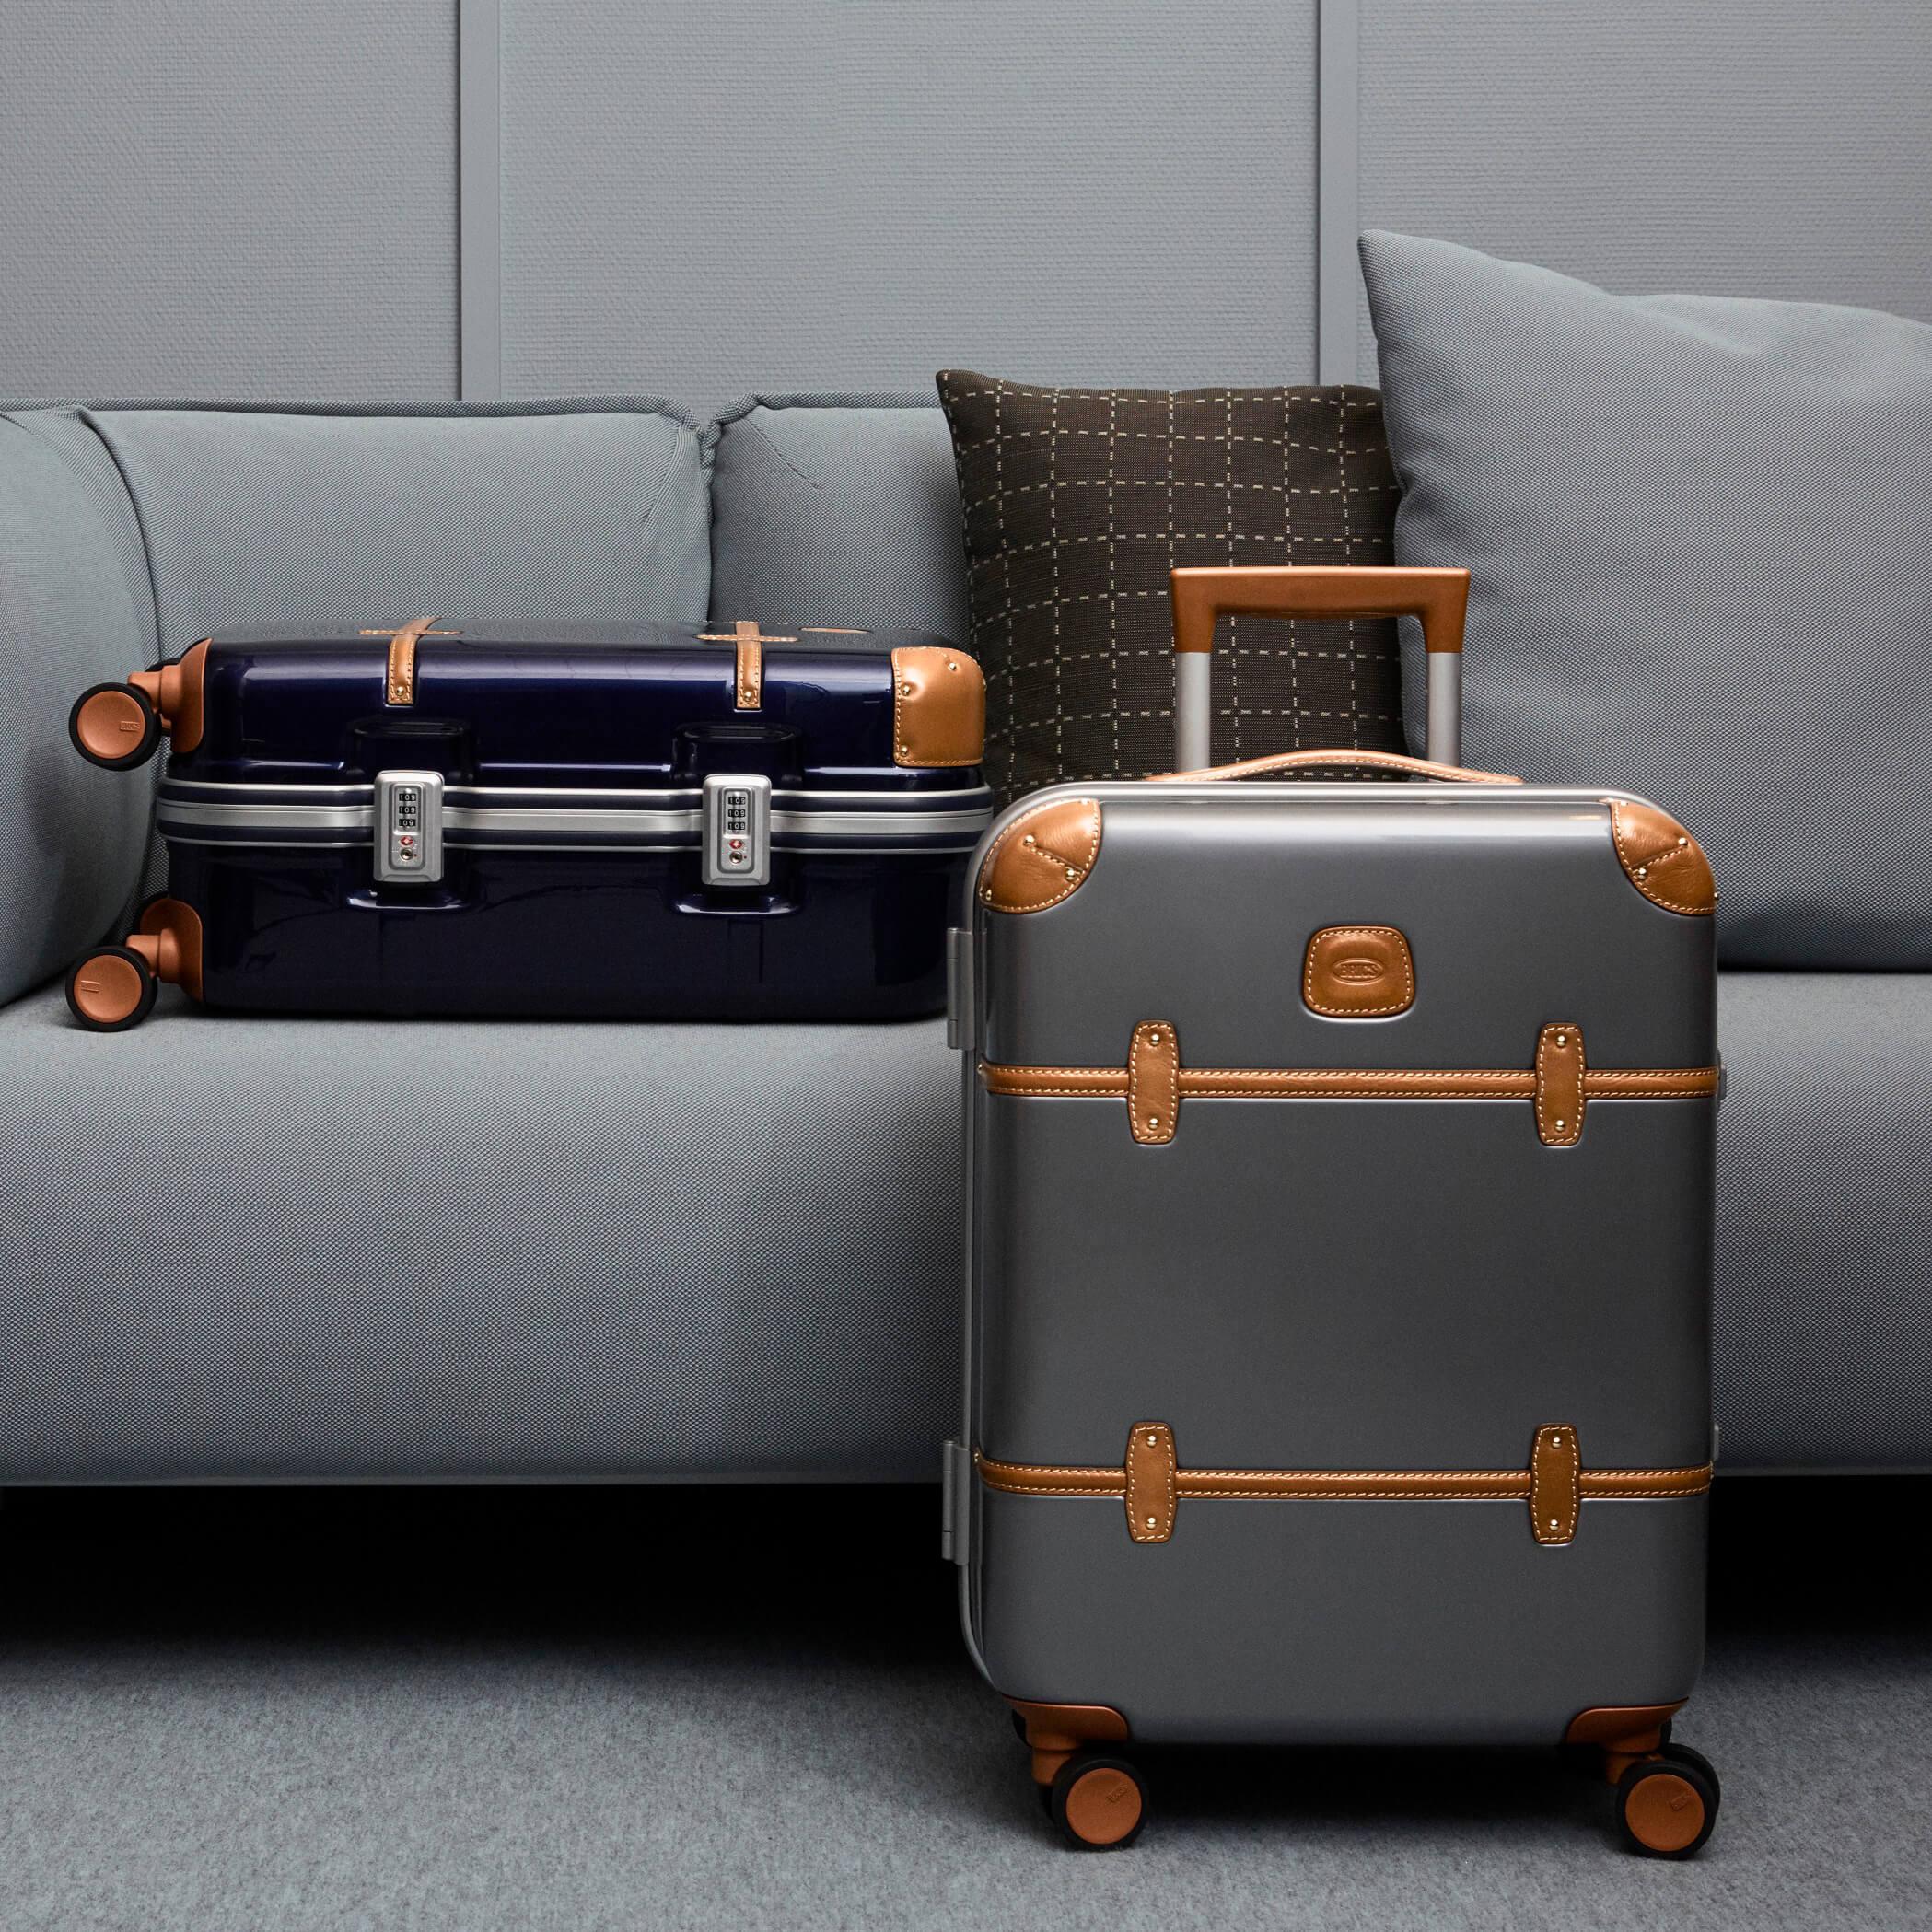 Kabinengepäck aus Hartschale: Premium-Qualität von Bric's.